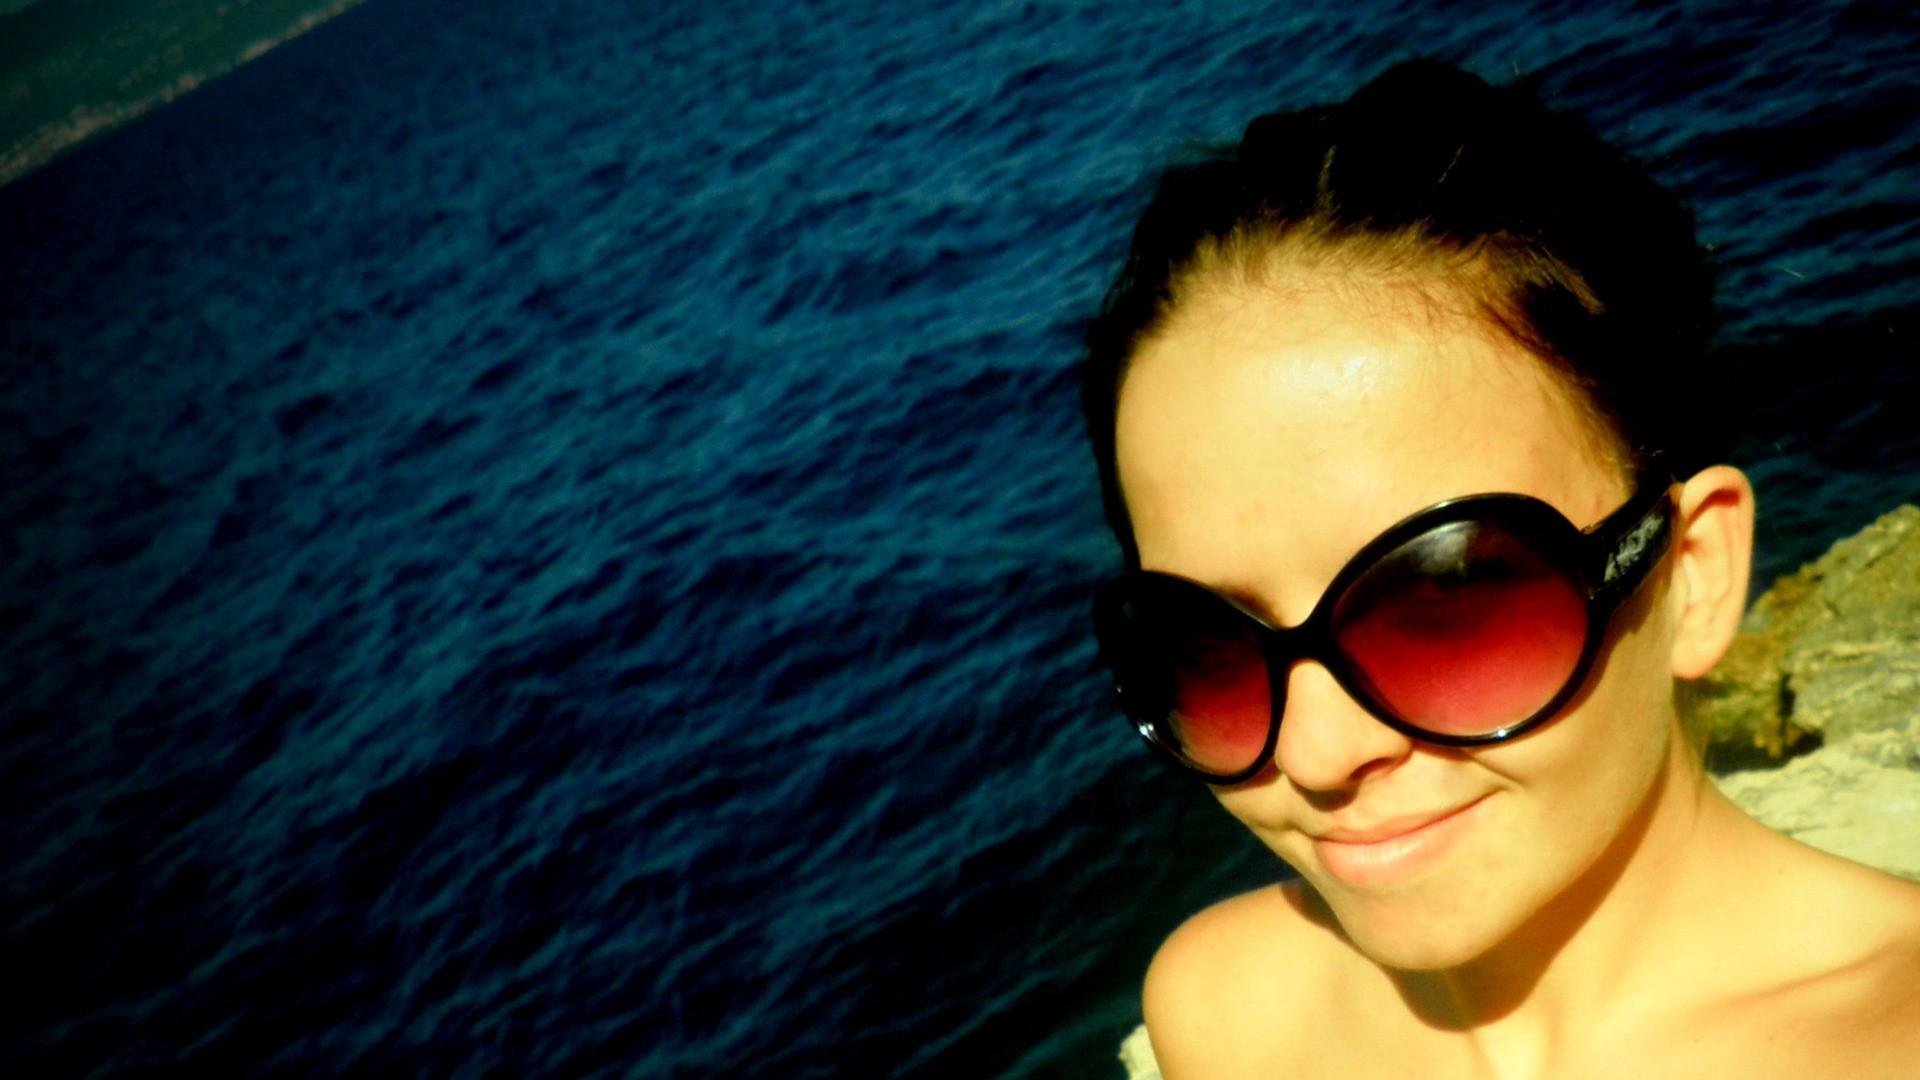 Un Selfie en un barco - 1920x1080